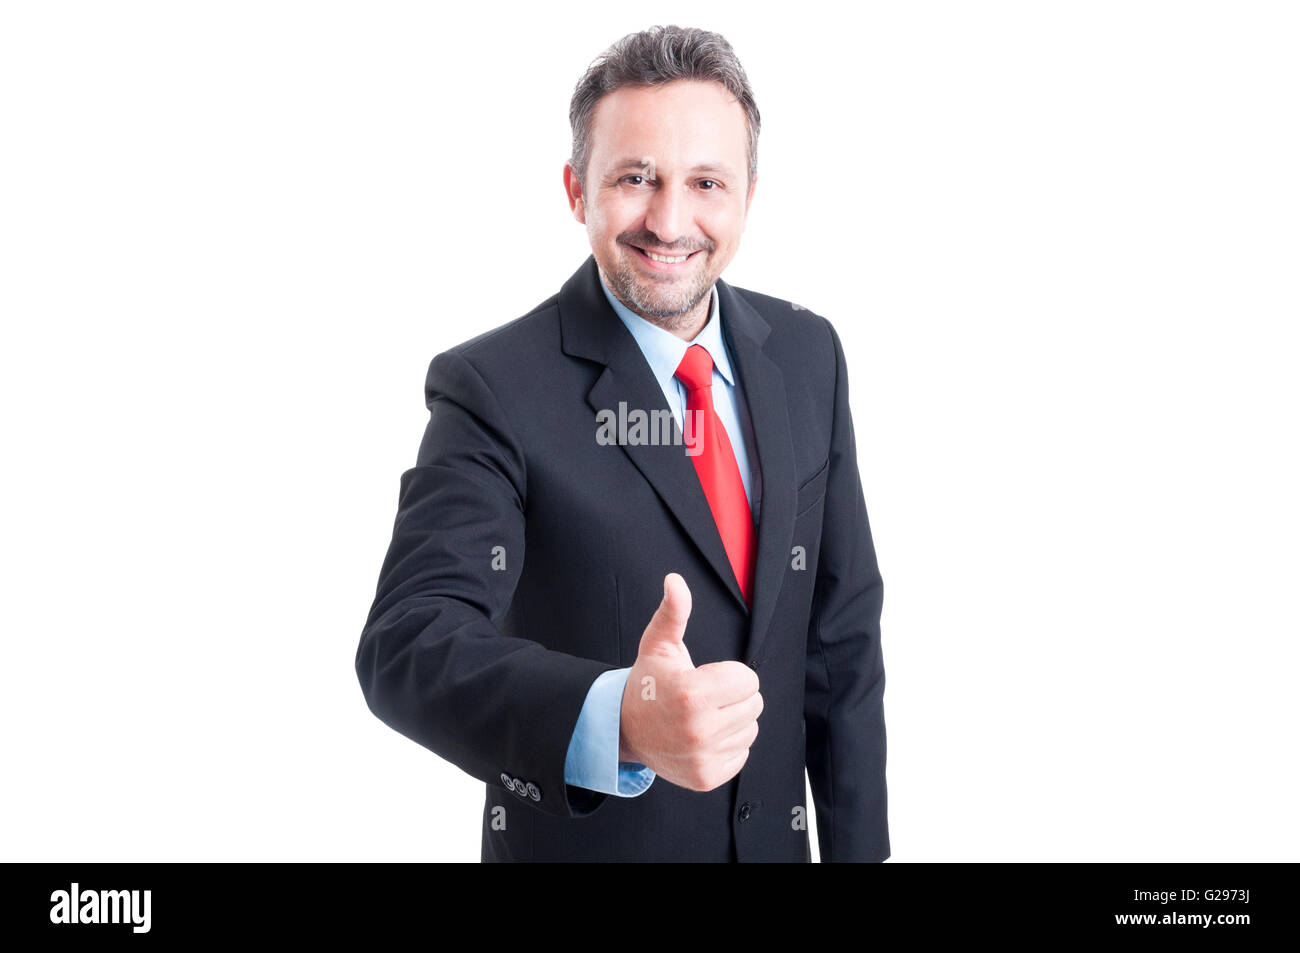 Hombre de ventas mostrando el pulgar vestidos de traje negro, camisa azul y corbata roja Imagen De Stock